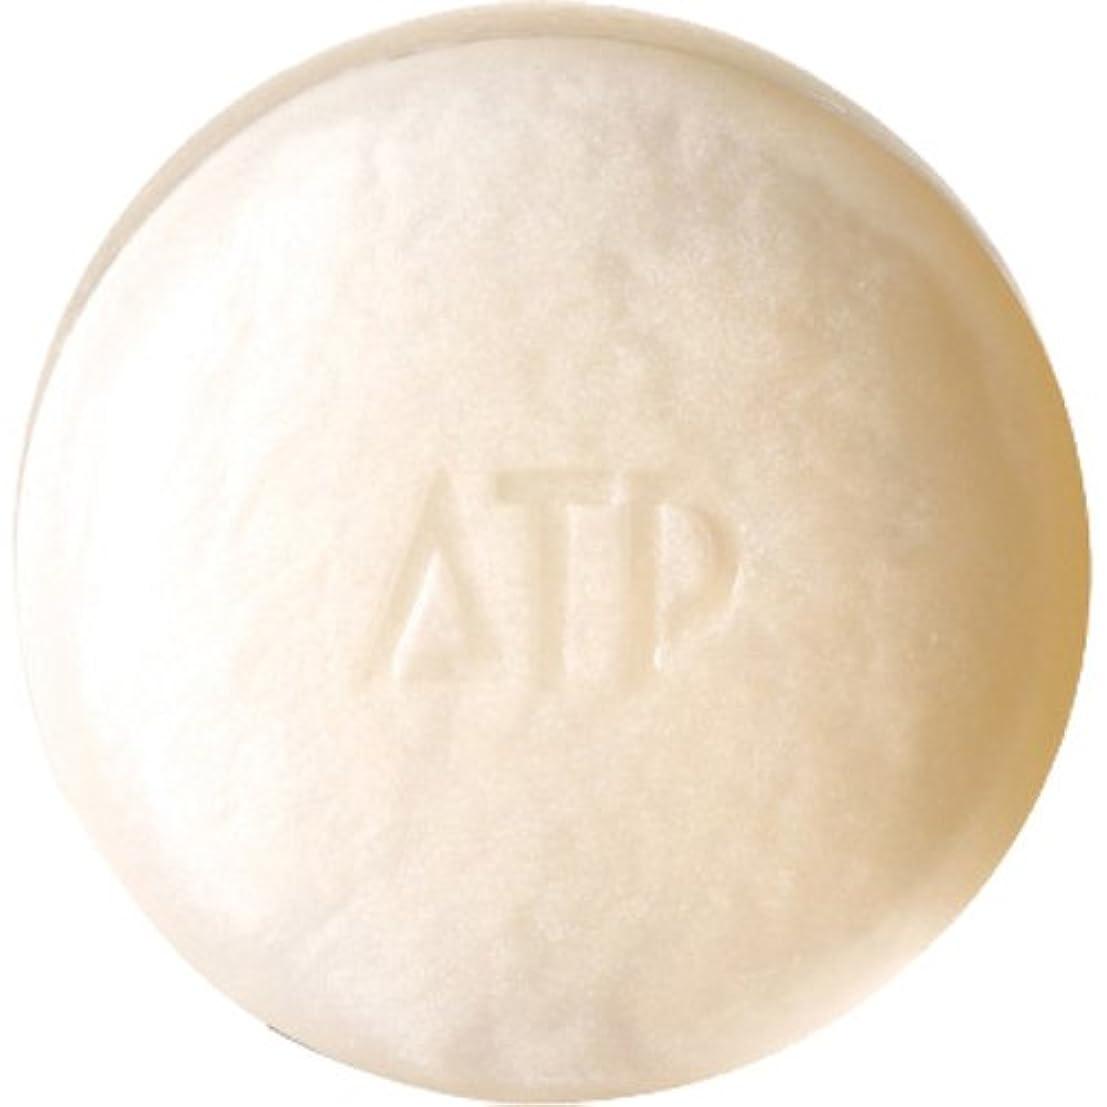 子供達外側彼らは薬用ATP デリケアソープ 100g ケースなし (全身用洗浄石けん?枠練り) [医薬部外品]